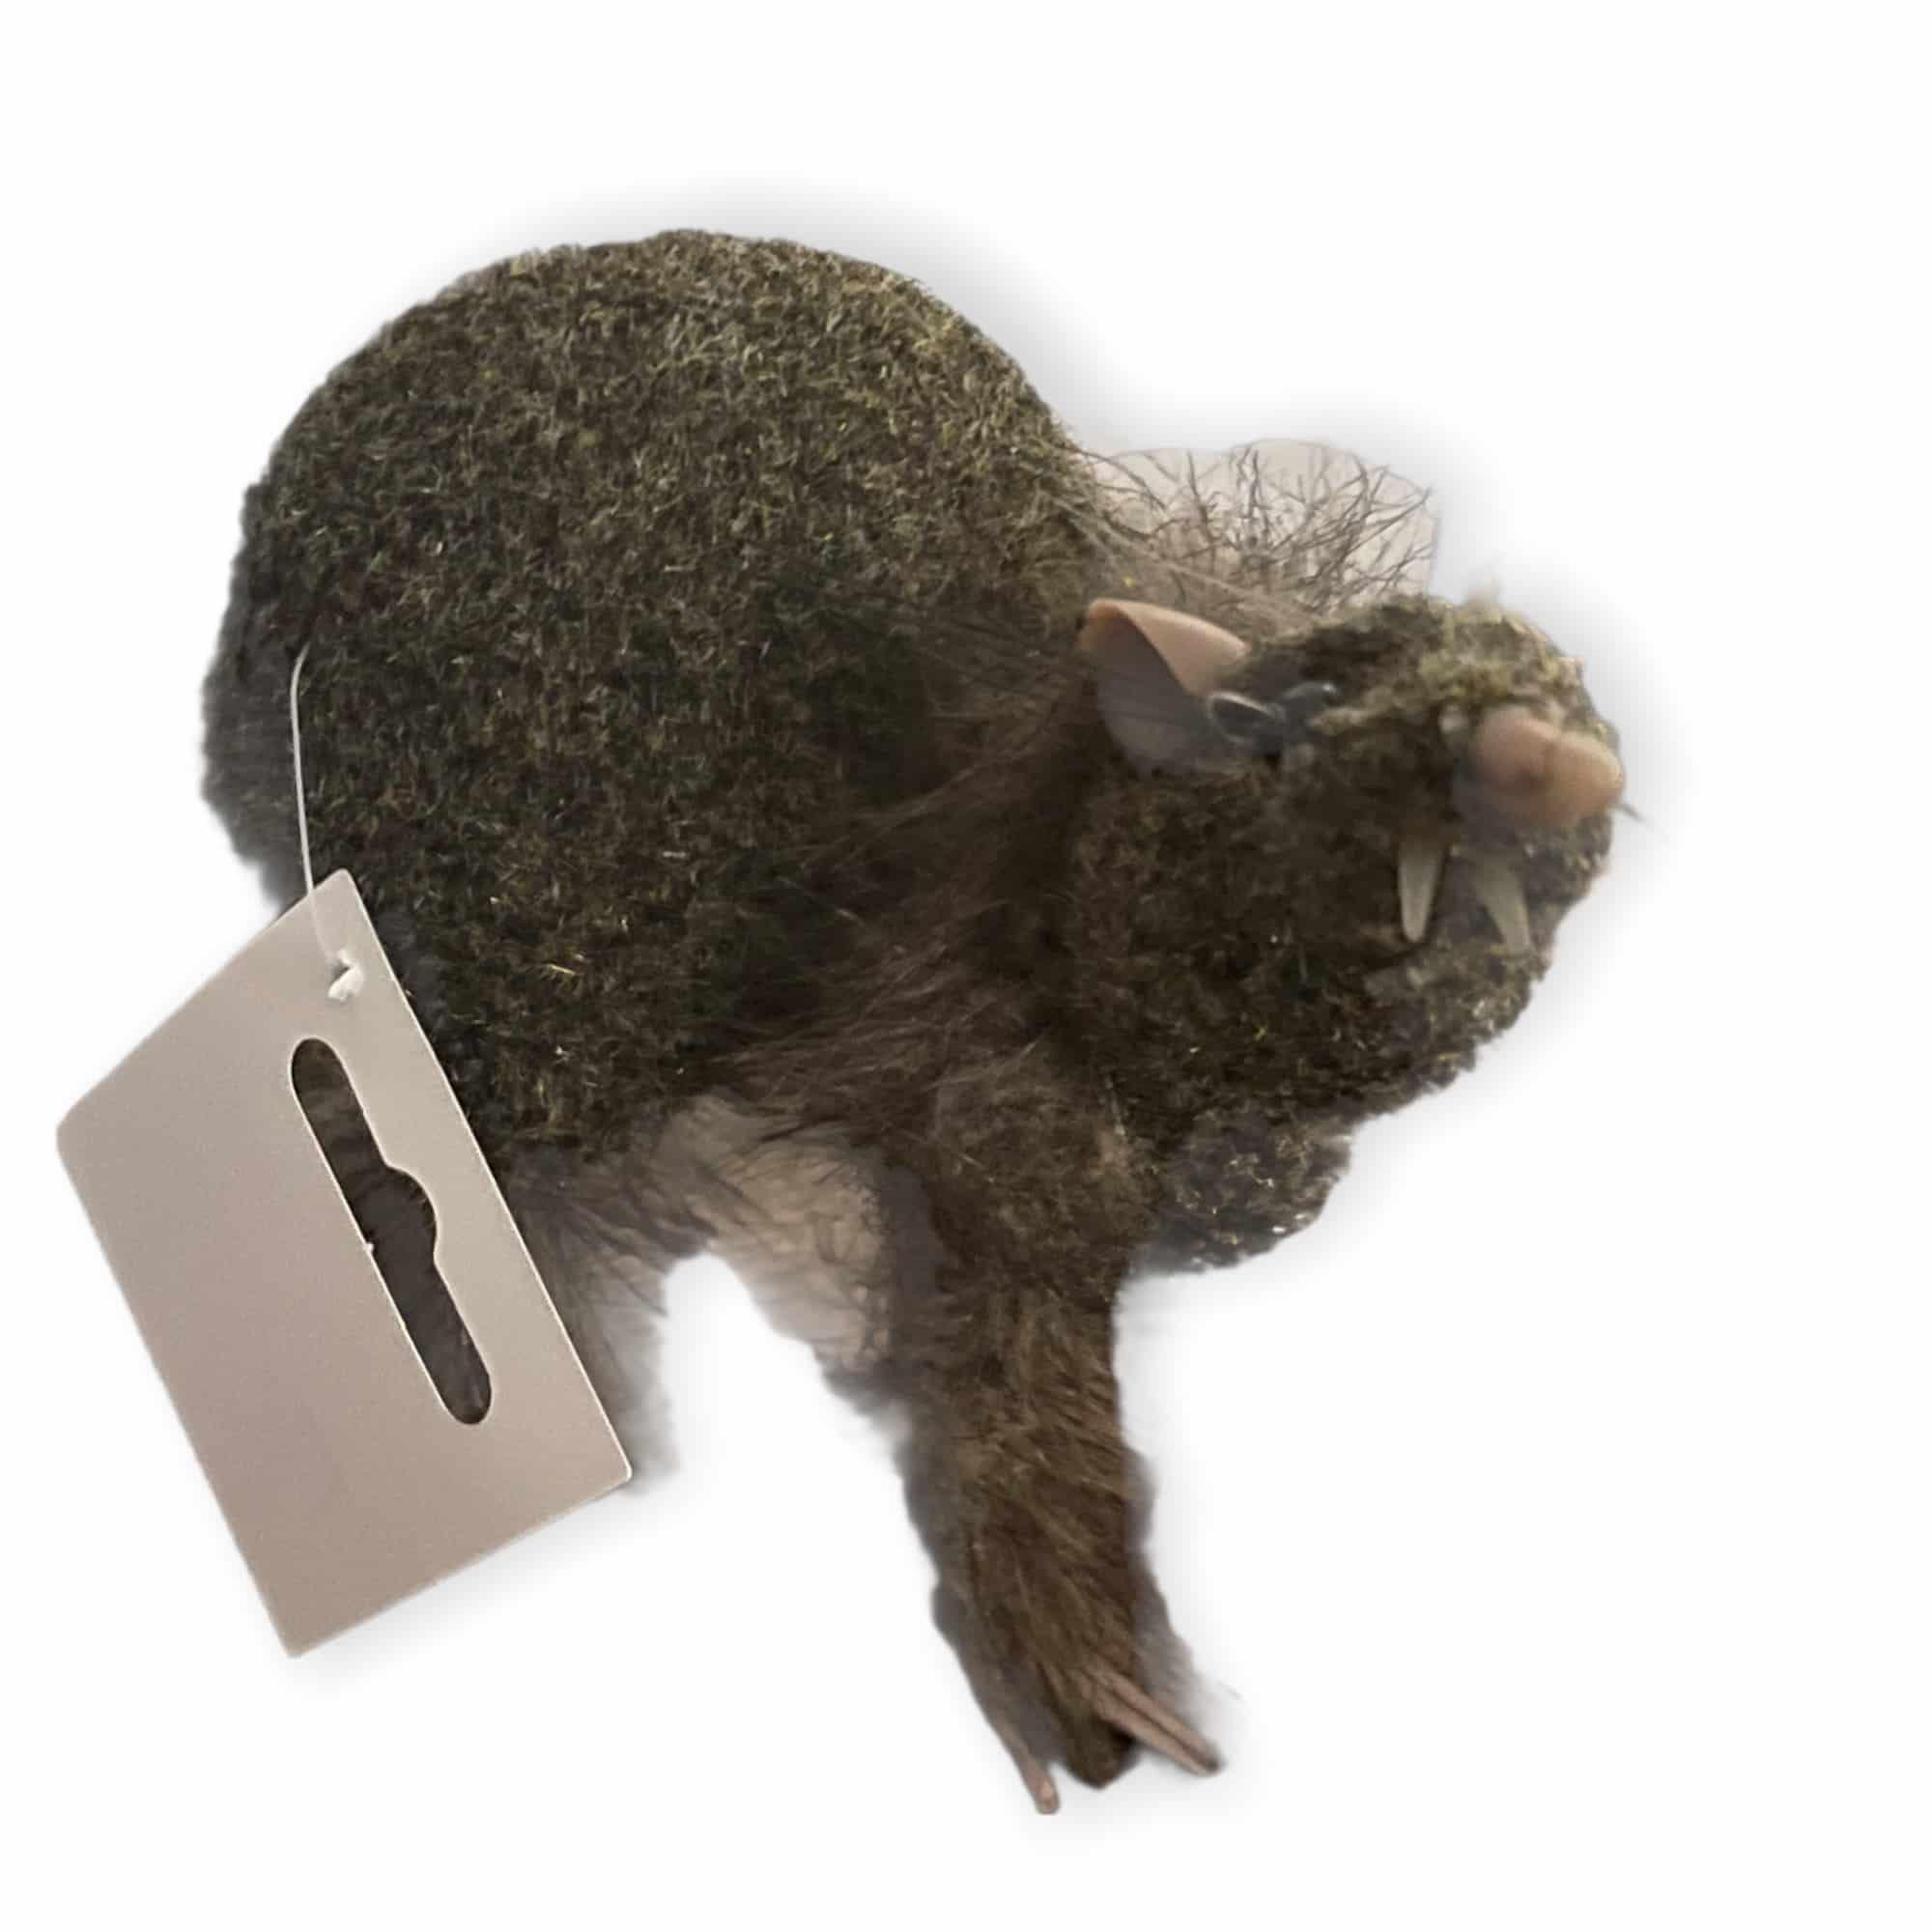 Fellige Rattenfigur